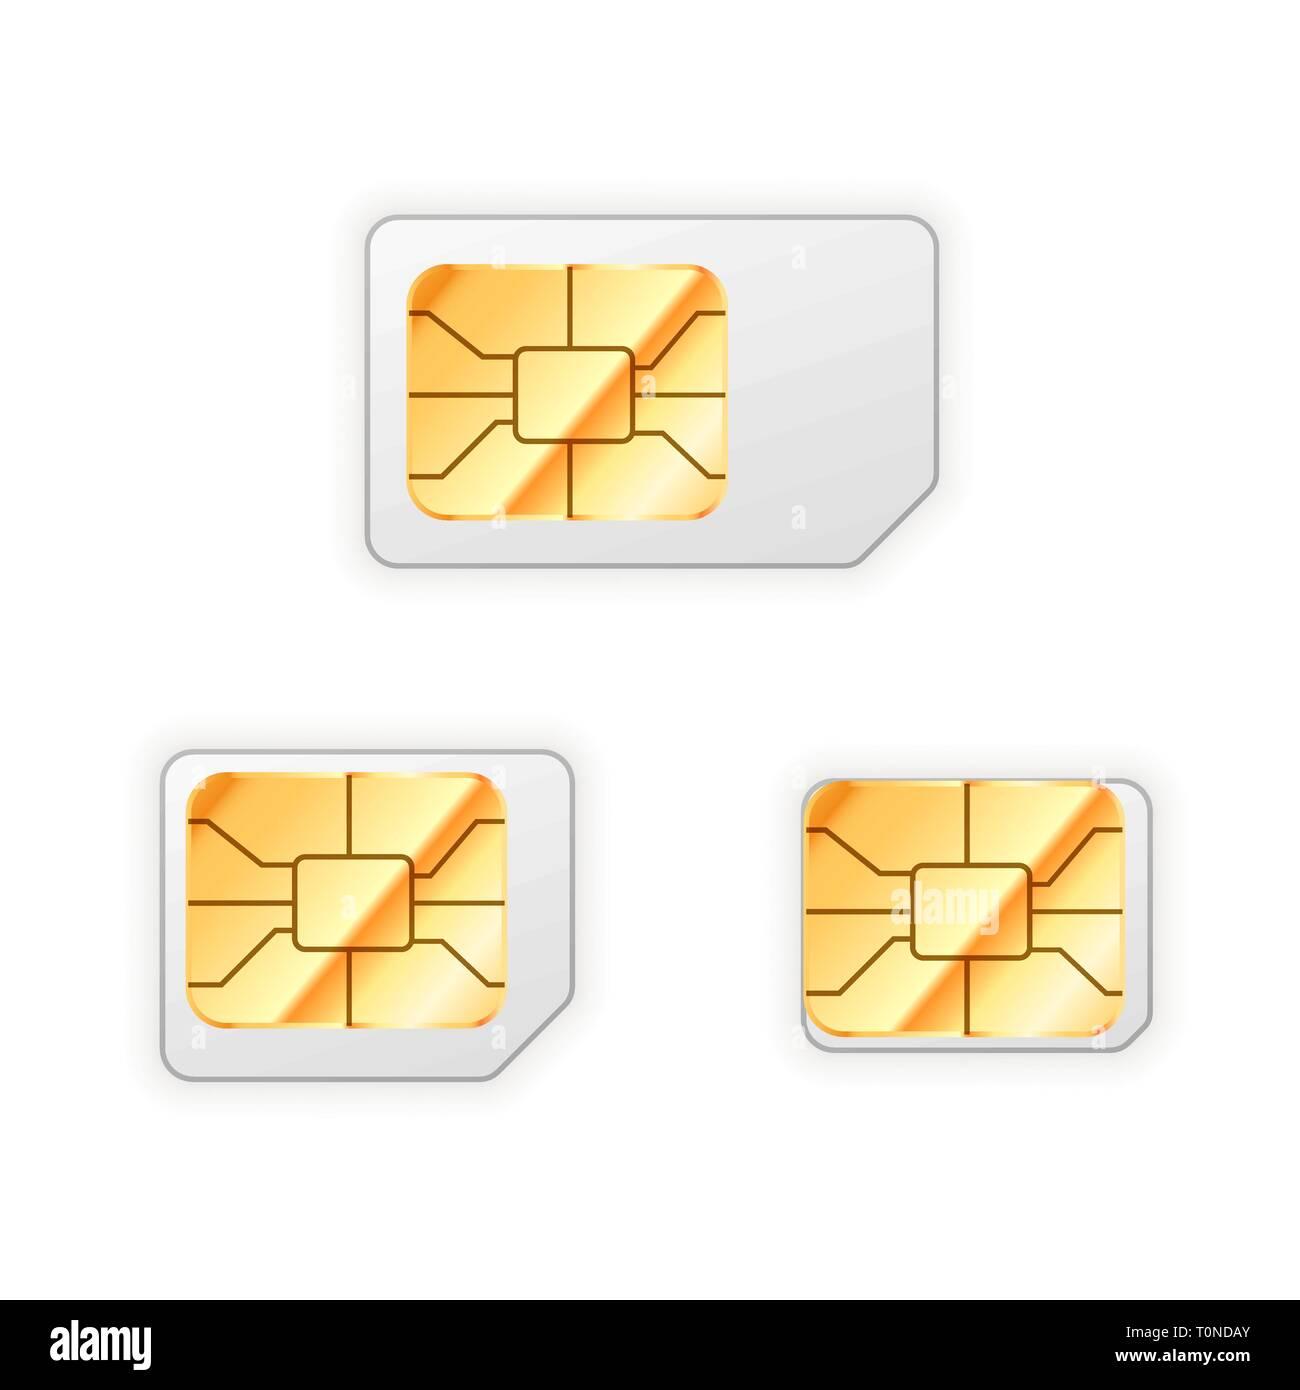 Nano Sim Karte Bilder.Satz Von Leer Standard Mikro Und Nano Sim Karte Für Handy Mit